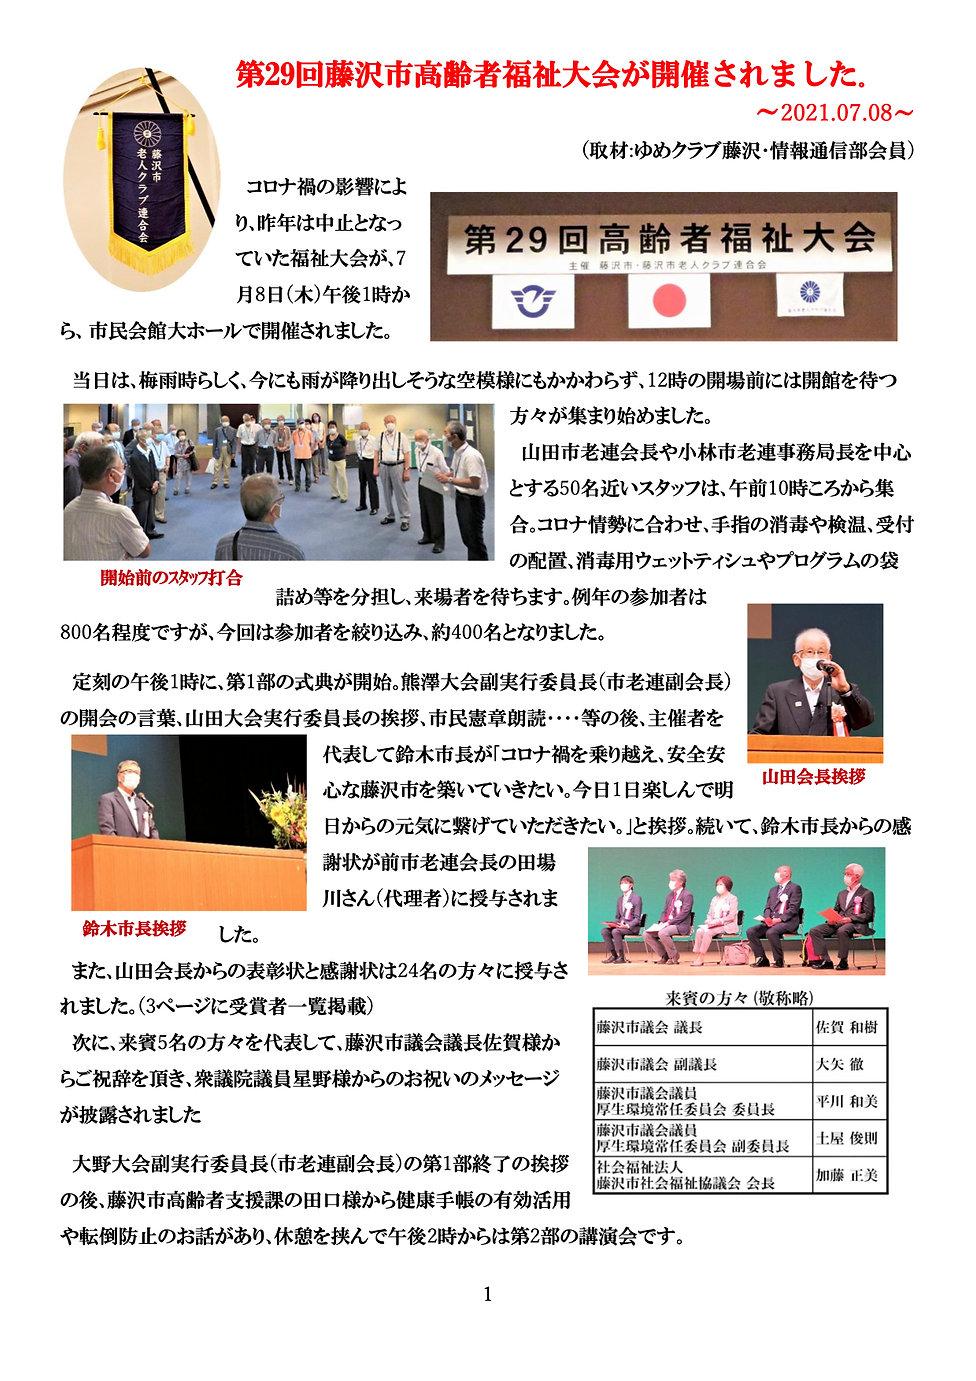 20210708福祉大会記事-確定版1.jpg